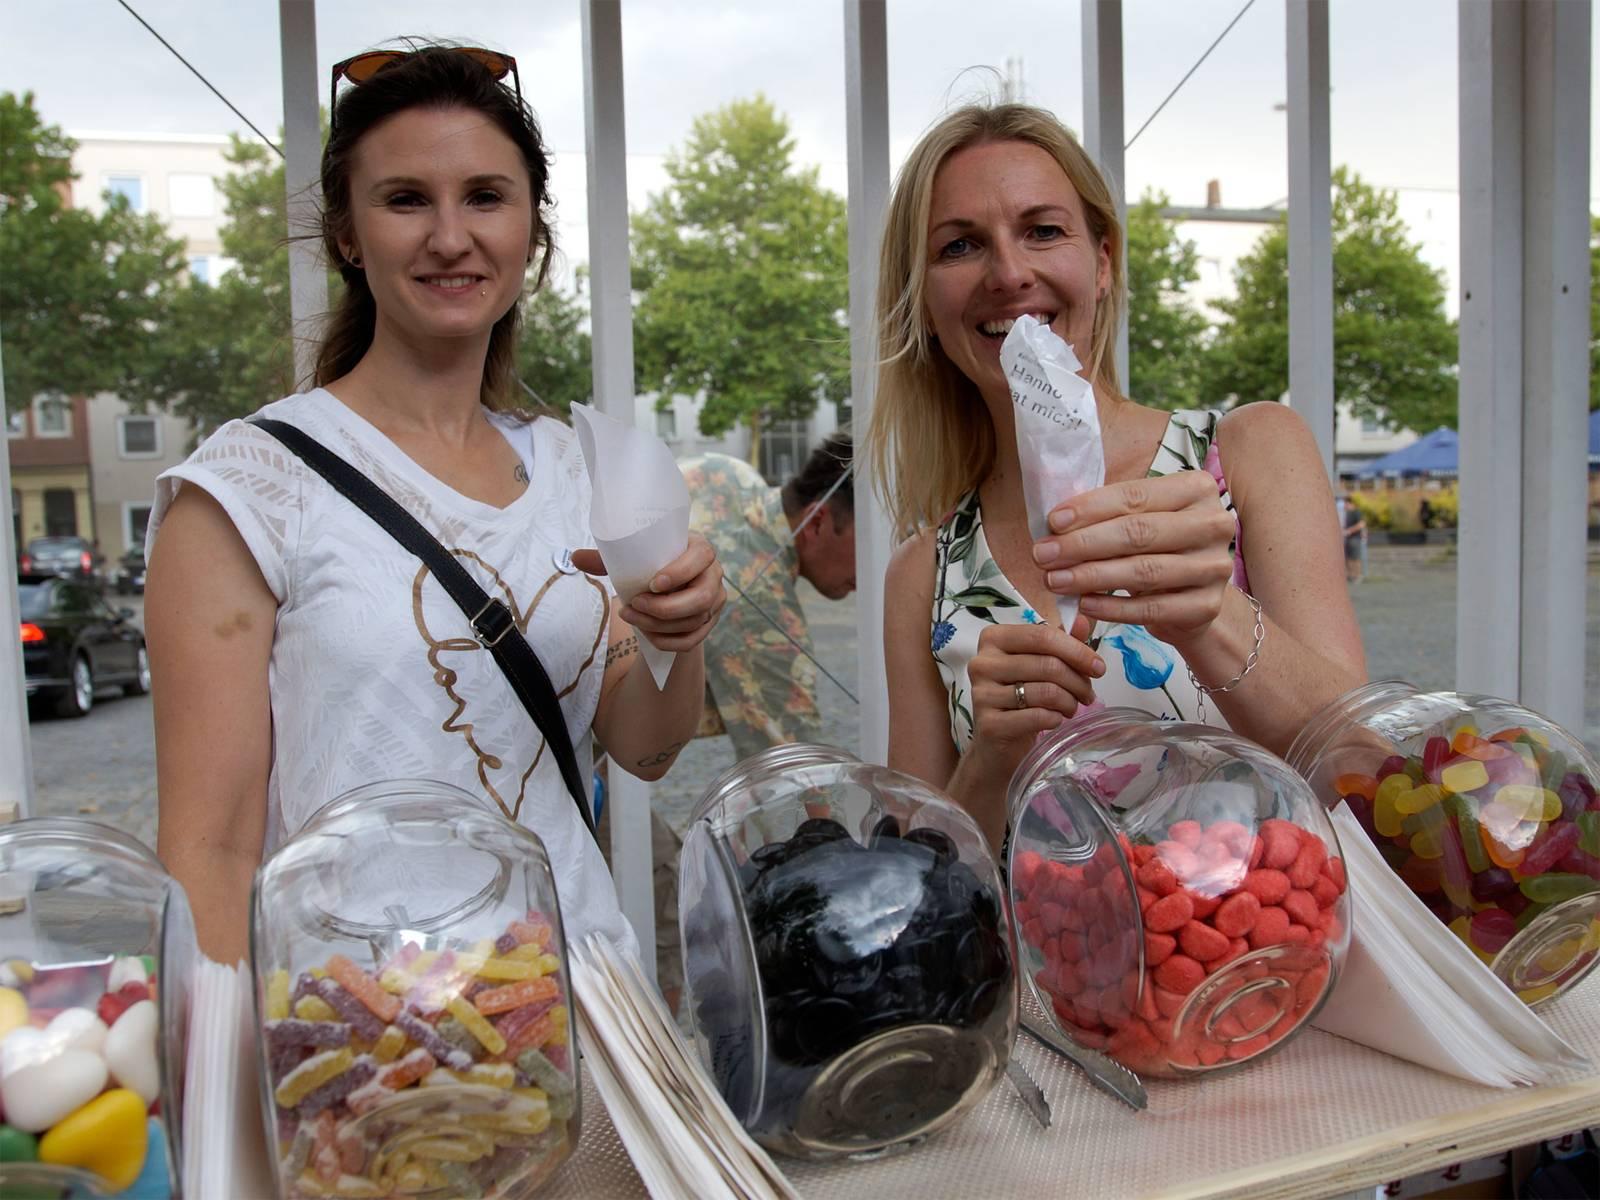 Erste Antworten auf Fragen am Kulturhauptstadtkiosk werden gesammelt. Für Antworten gibt es eine bunte Tüte und eine Getränk.